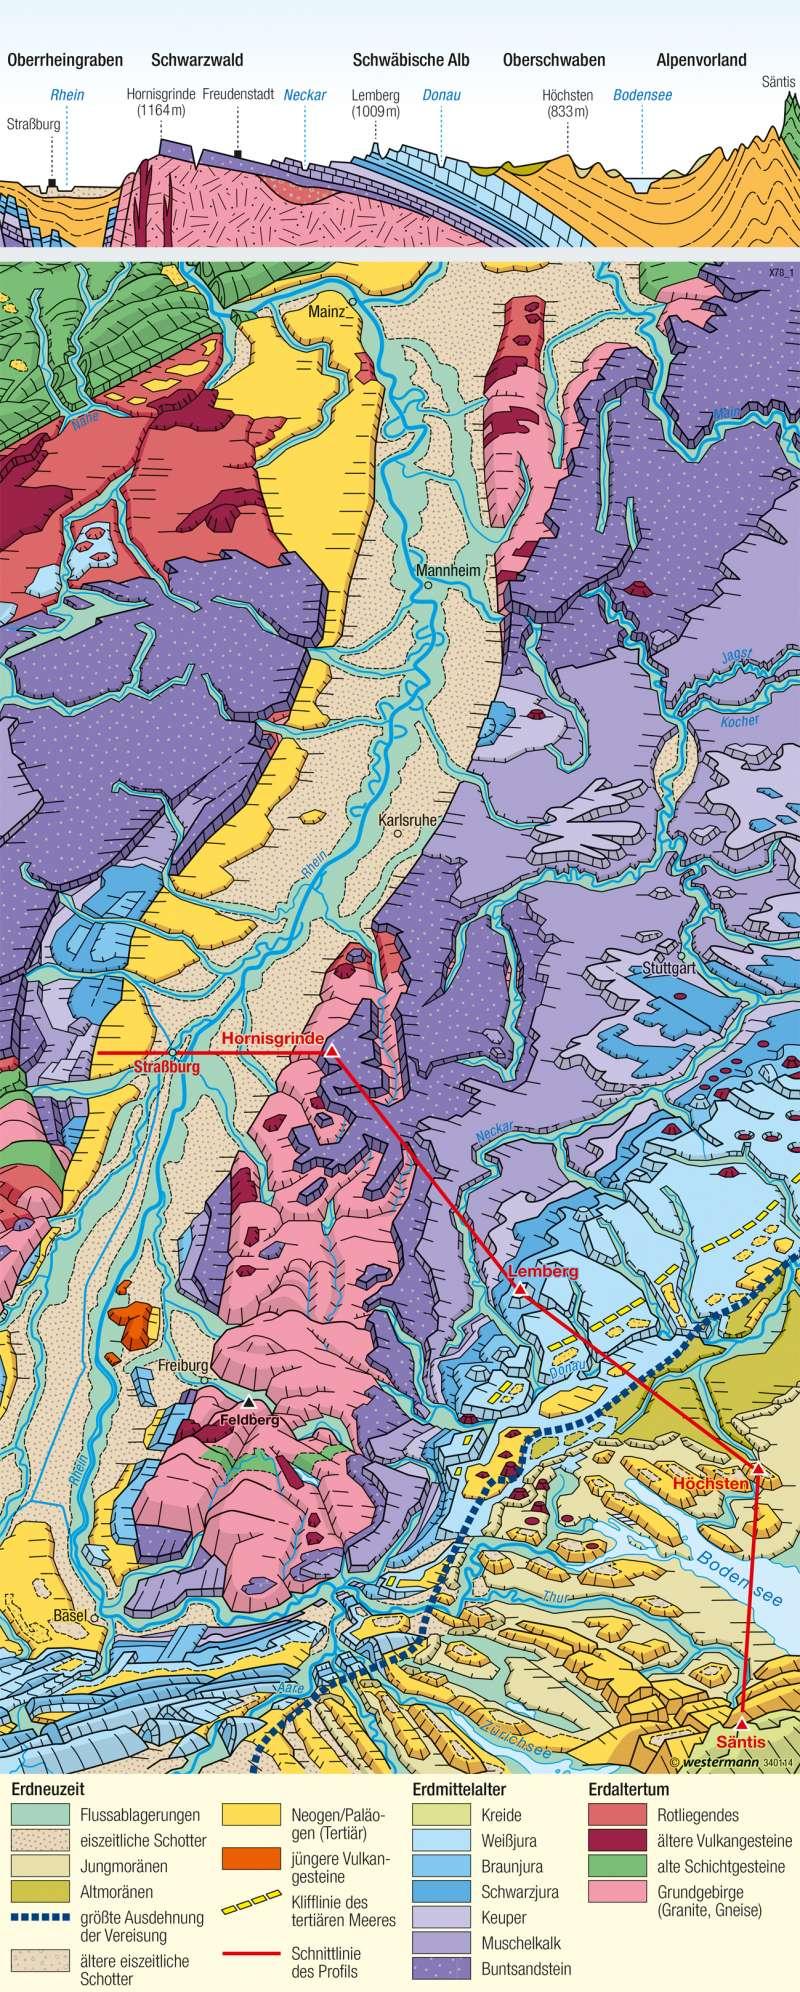 Oberrheingraben und Schichtstufenland   Landschaftsbild   Geologie   Karte 31/2